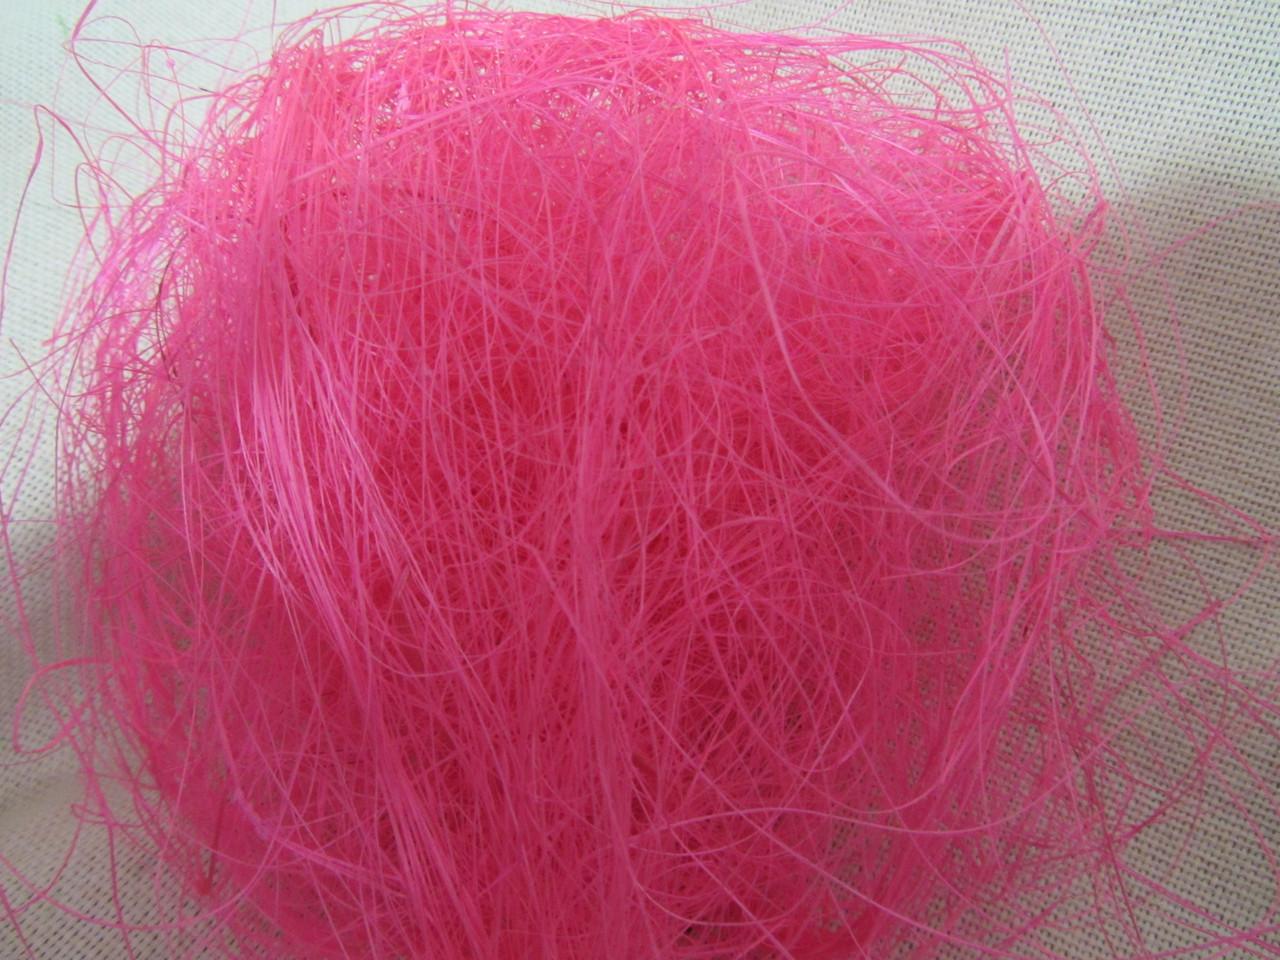 Сизаль розового цвета, (8/7) (цена за 1 шт. + 1 гр.)